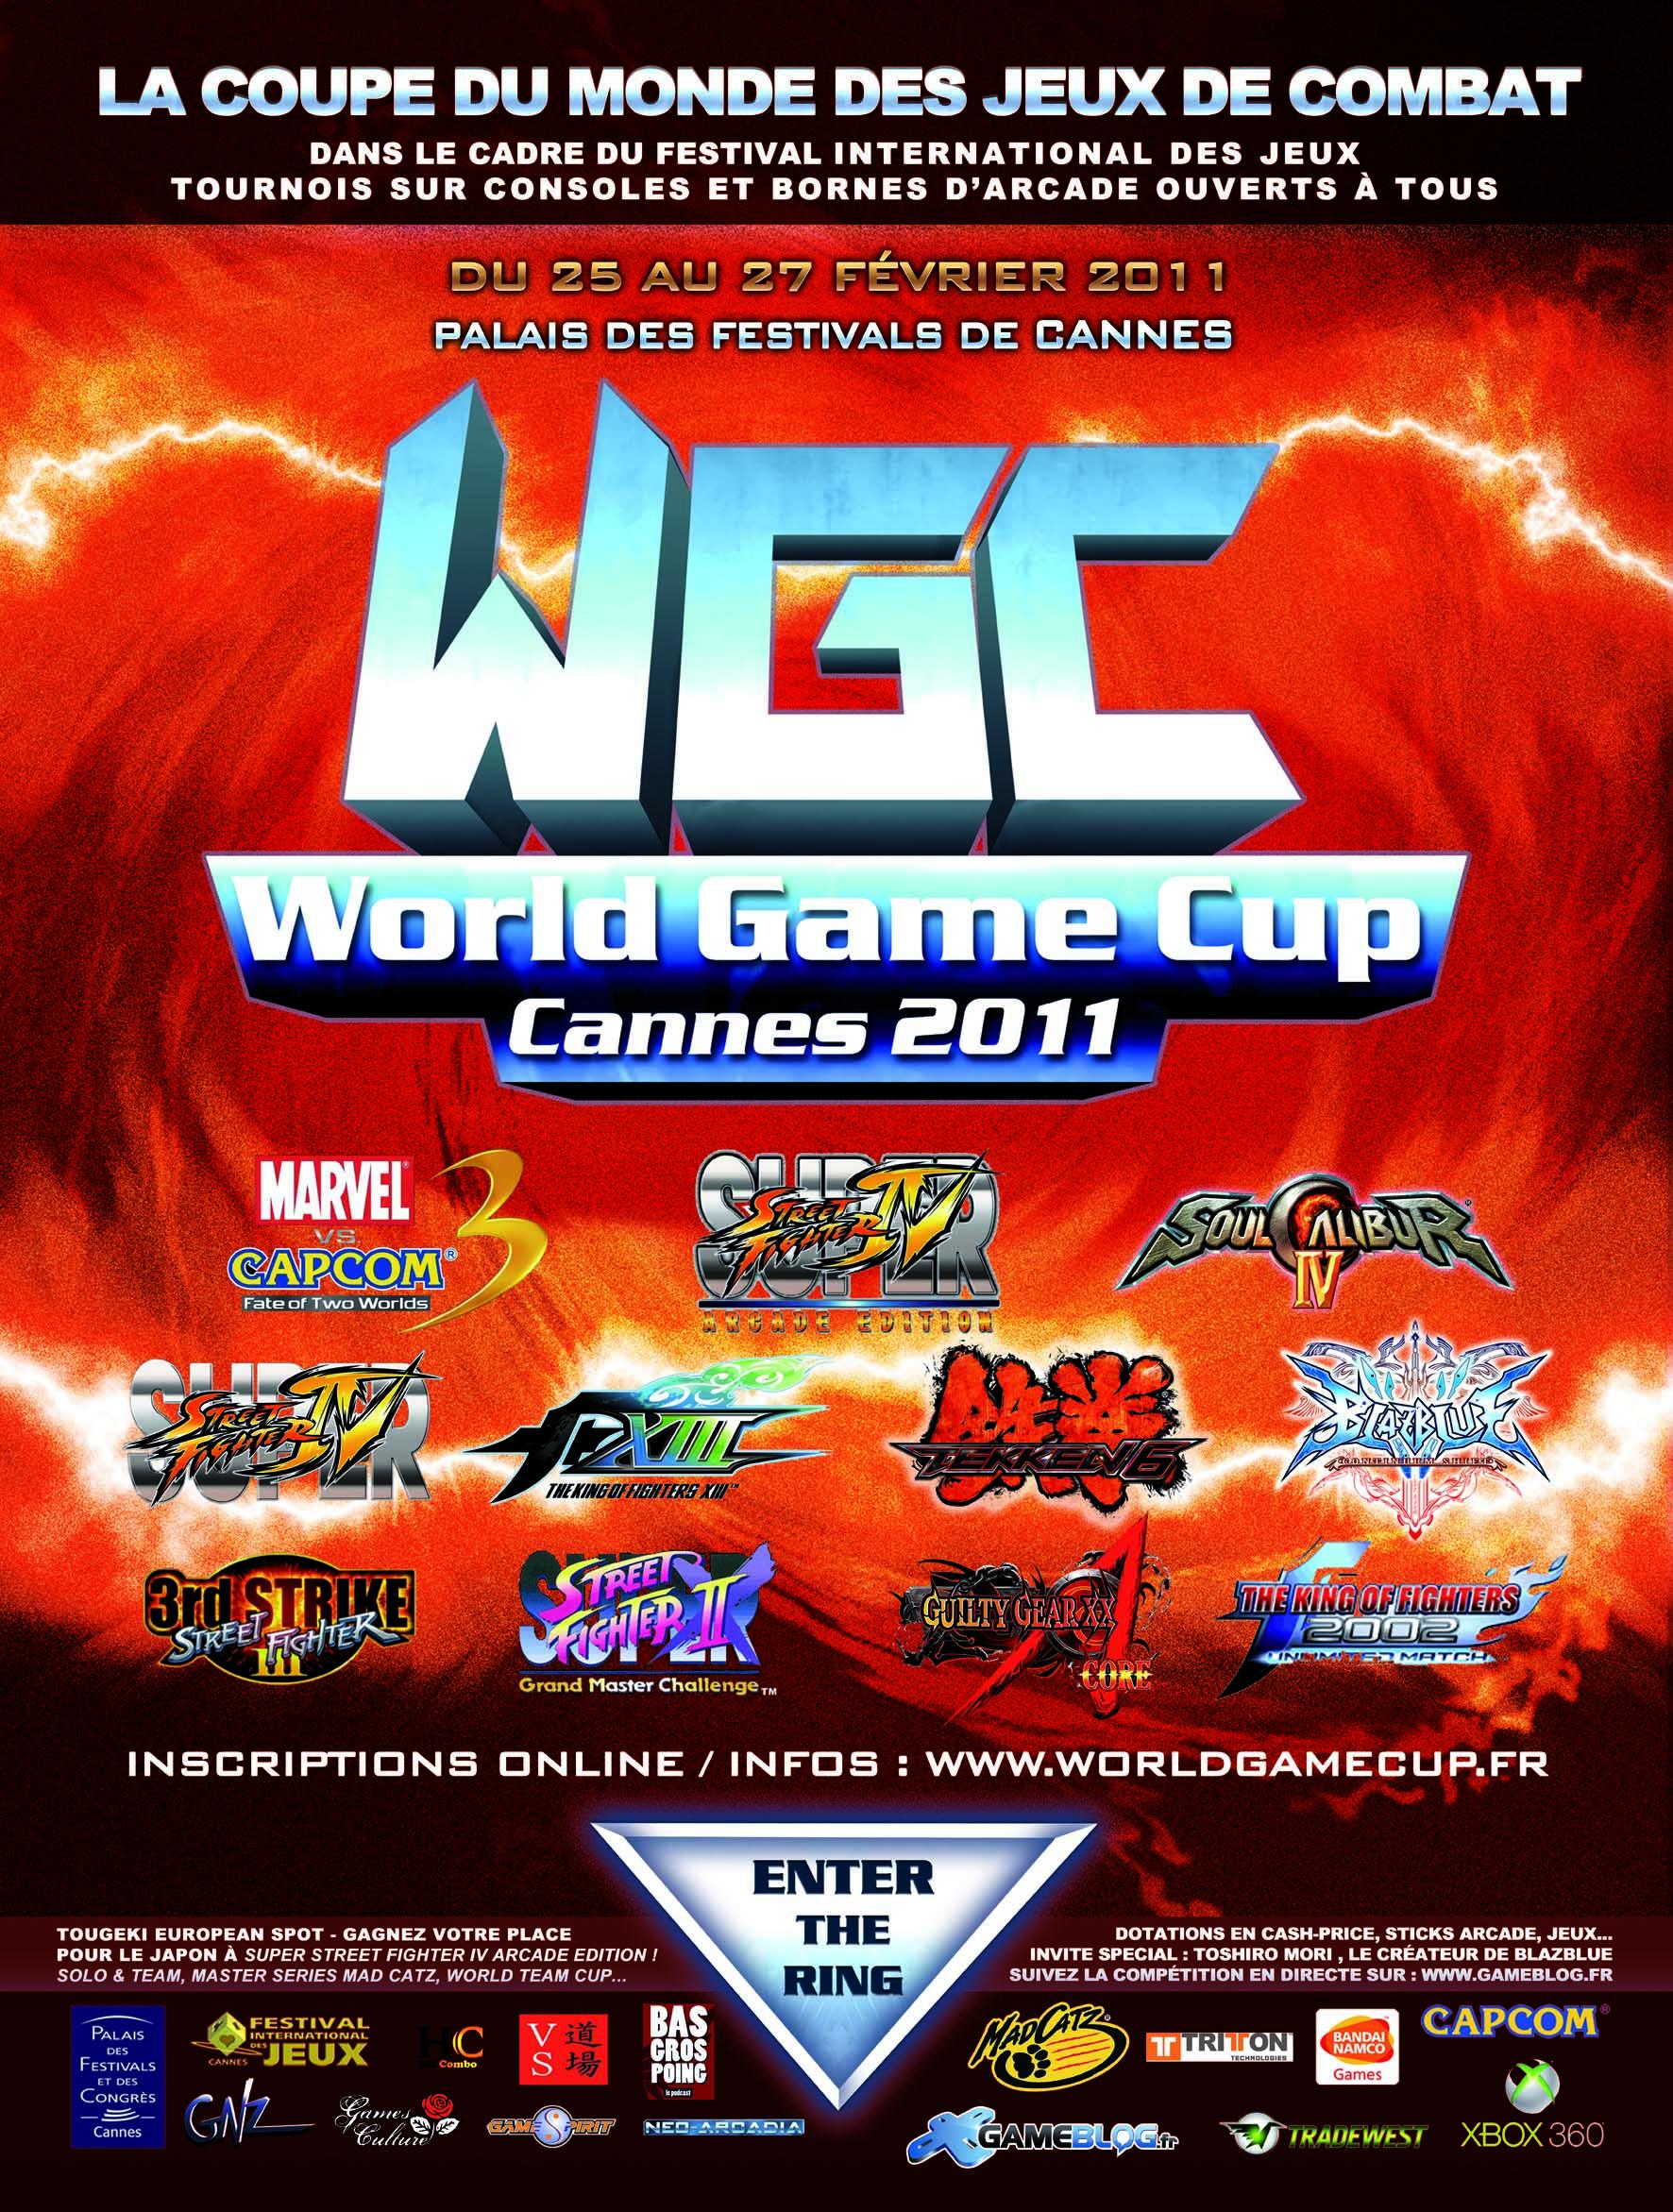 World Game Cup : inscriptions ouvertes et planning du weekend (attention, inscriptions uniquement en ligne !)